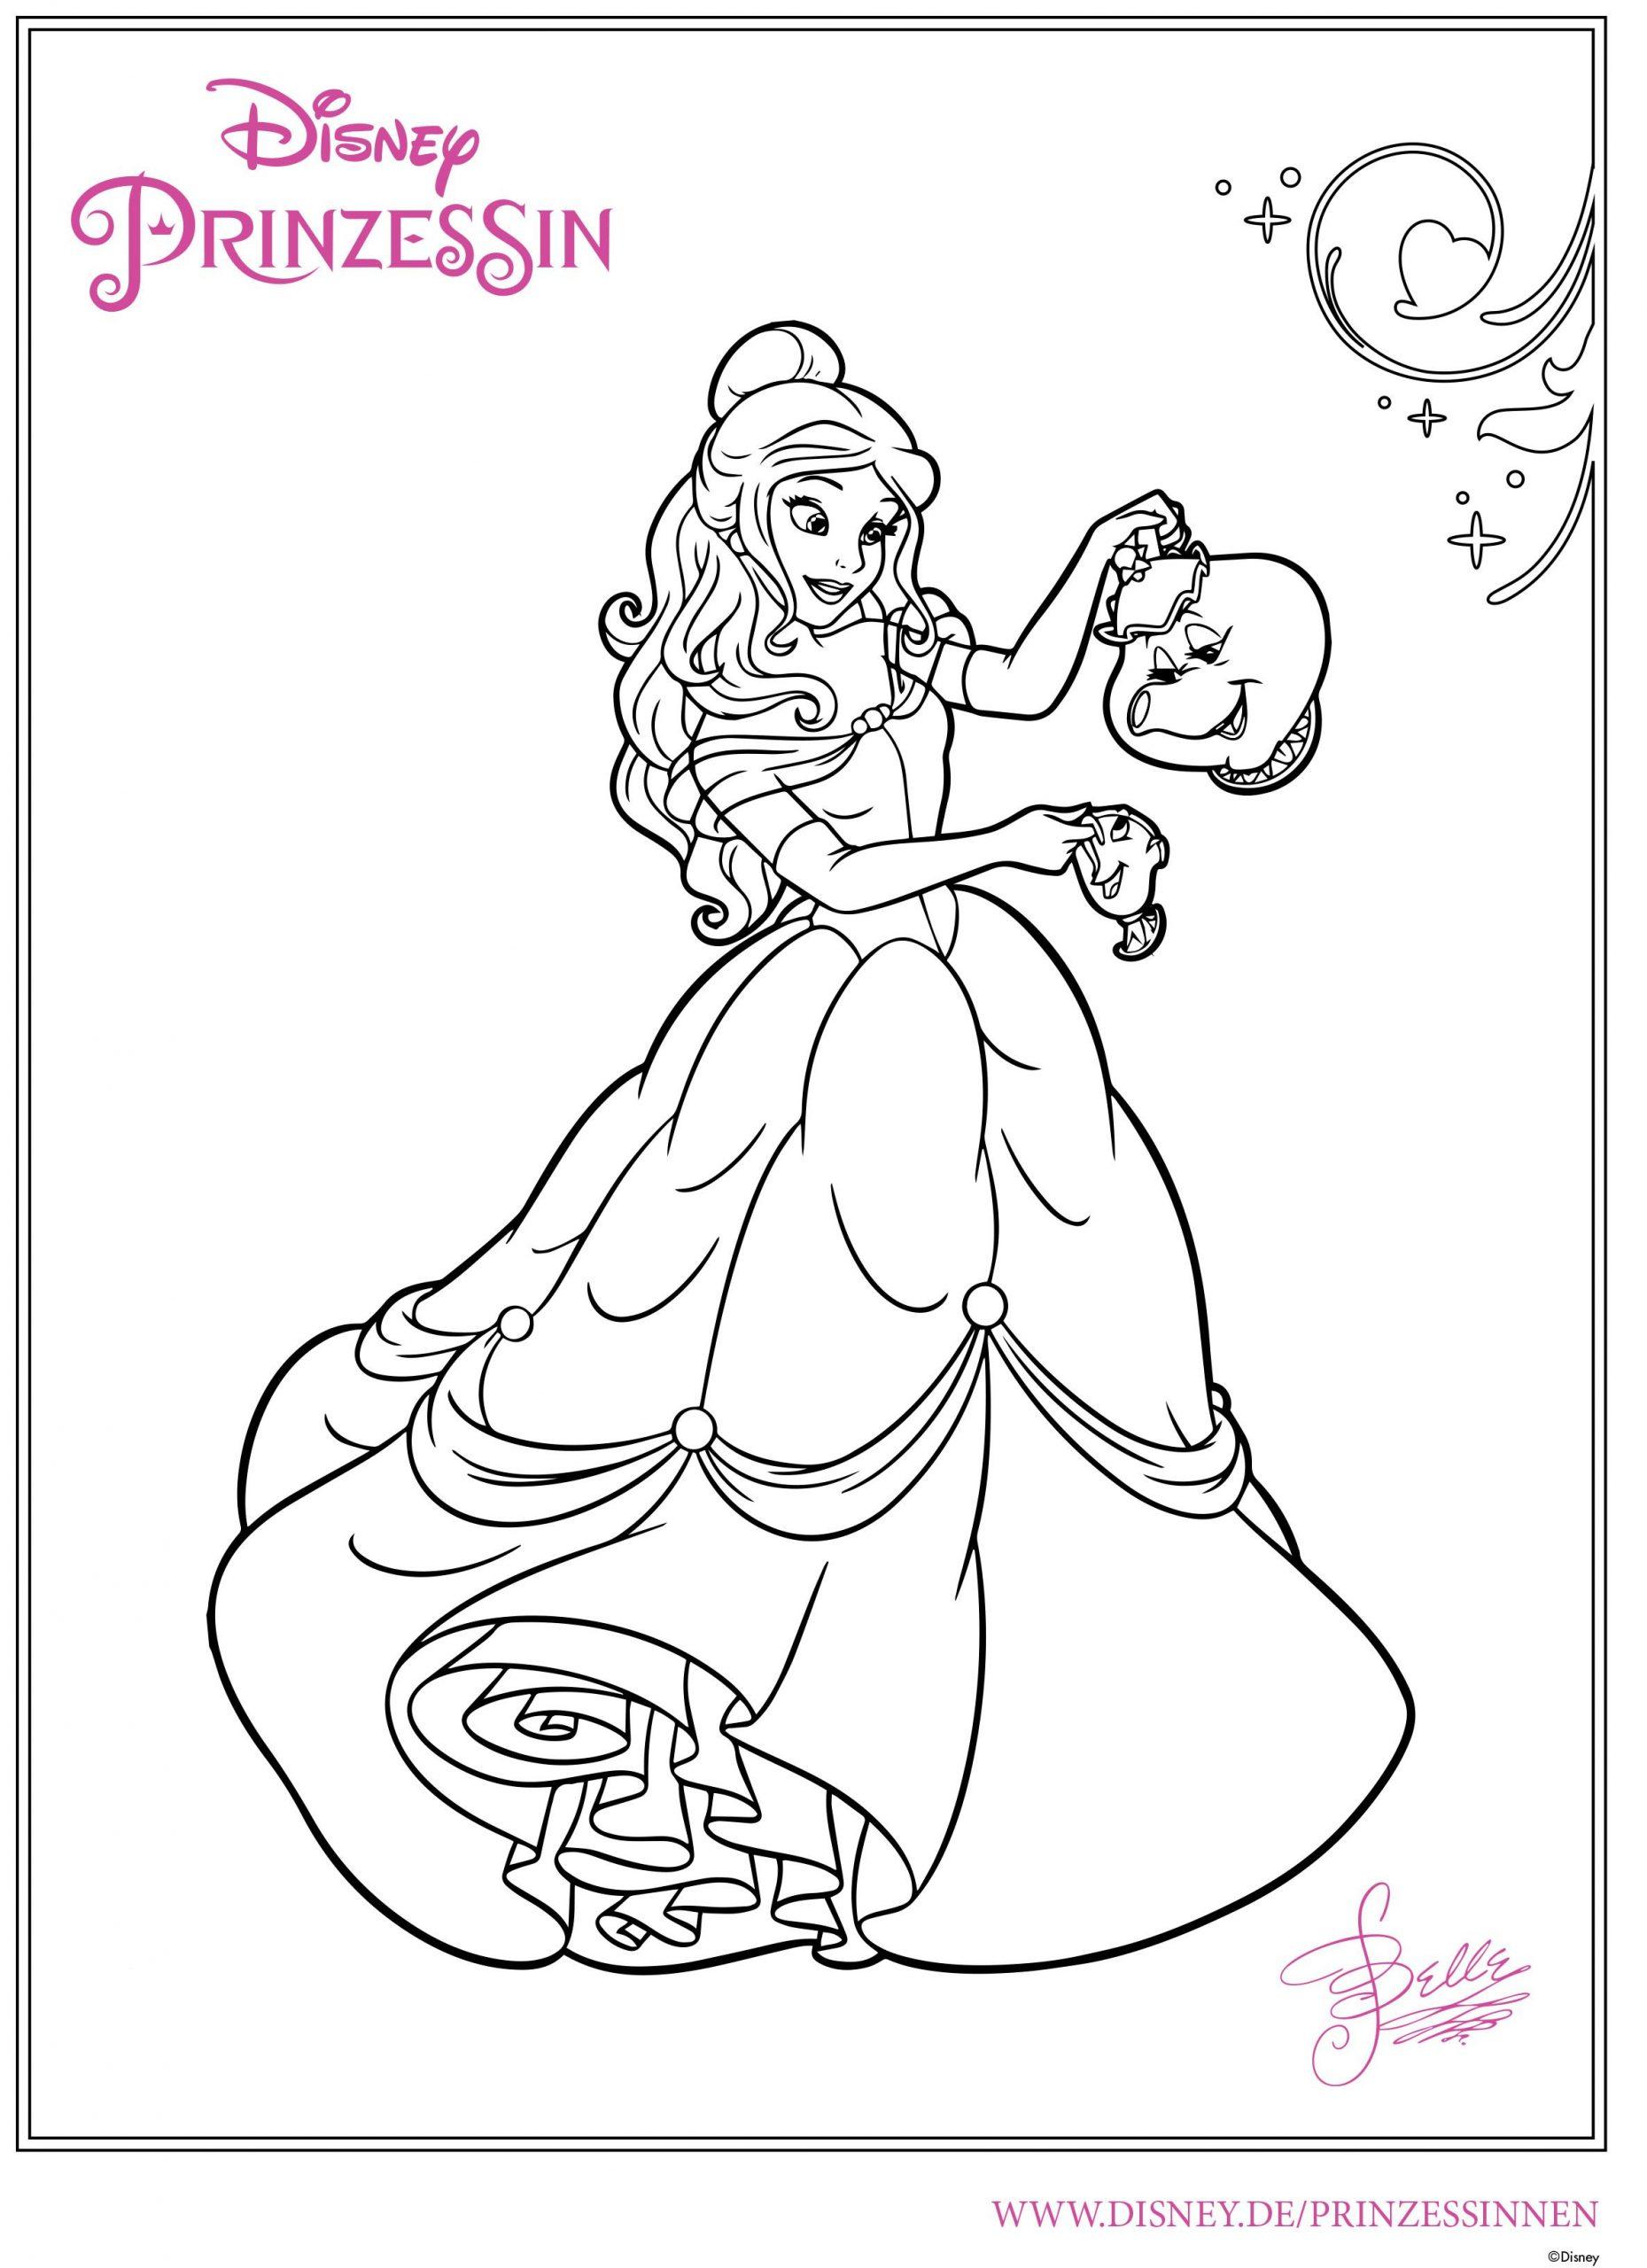 Ausmalbilder Belle 346 Malvorlage Alle Ausmalbilder für Malvorlagen Kostenlos Disney